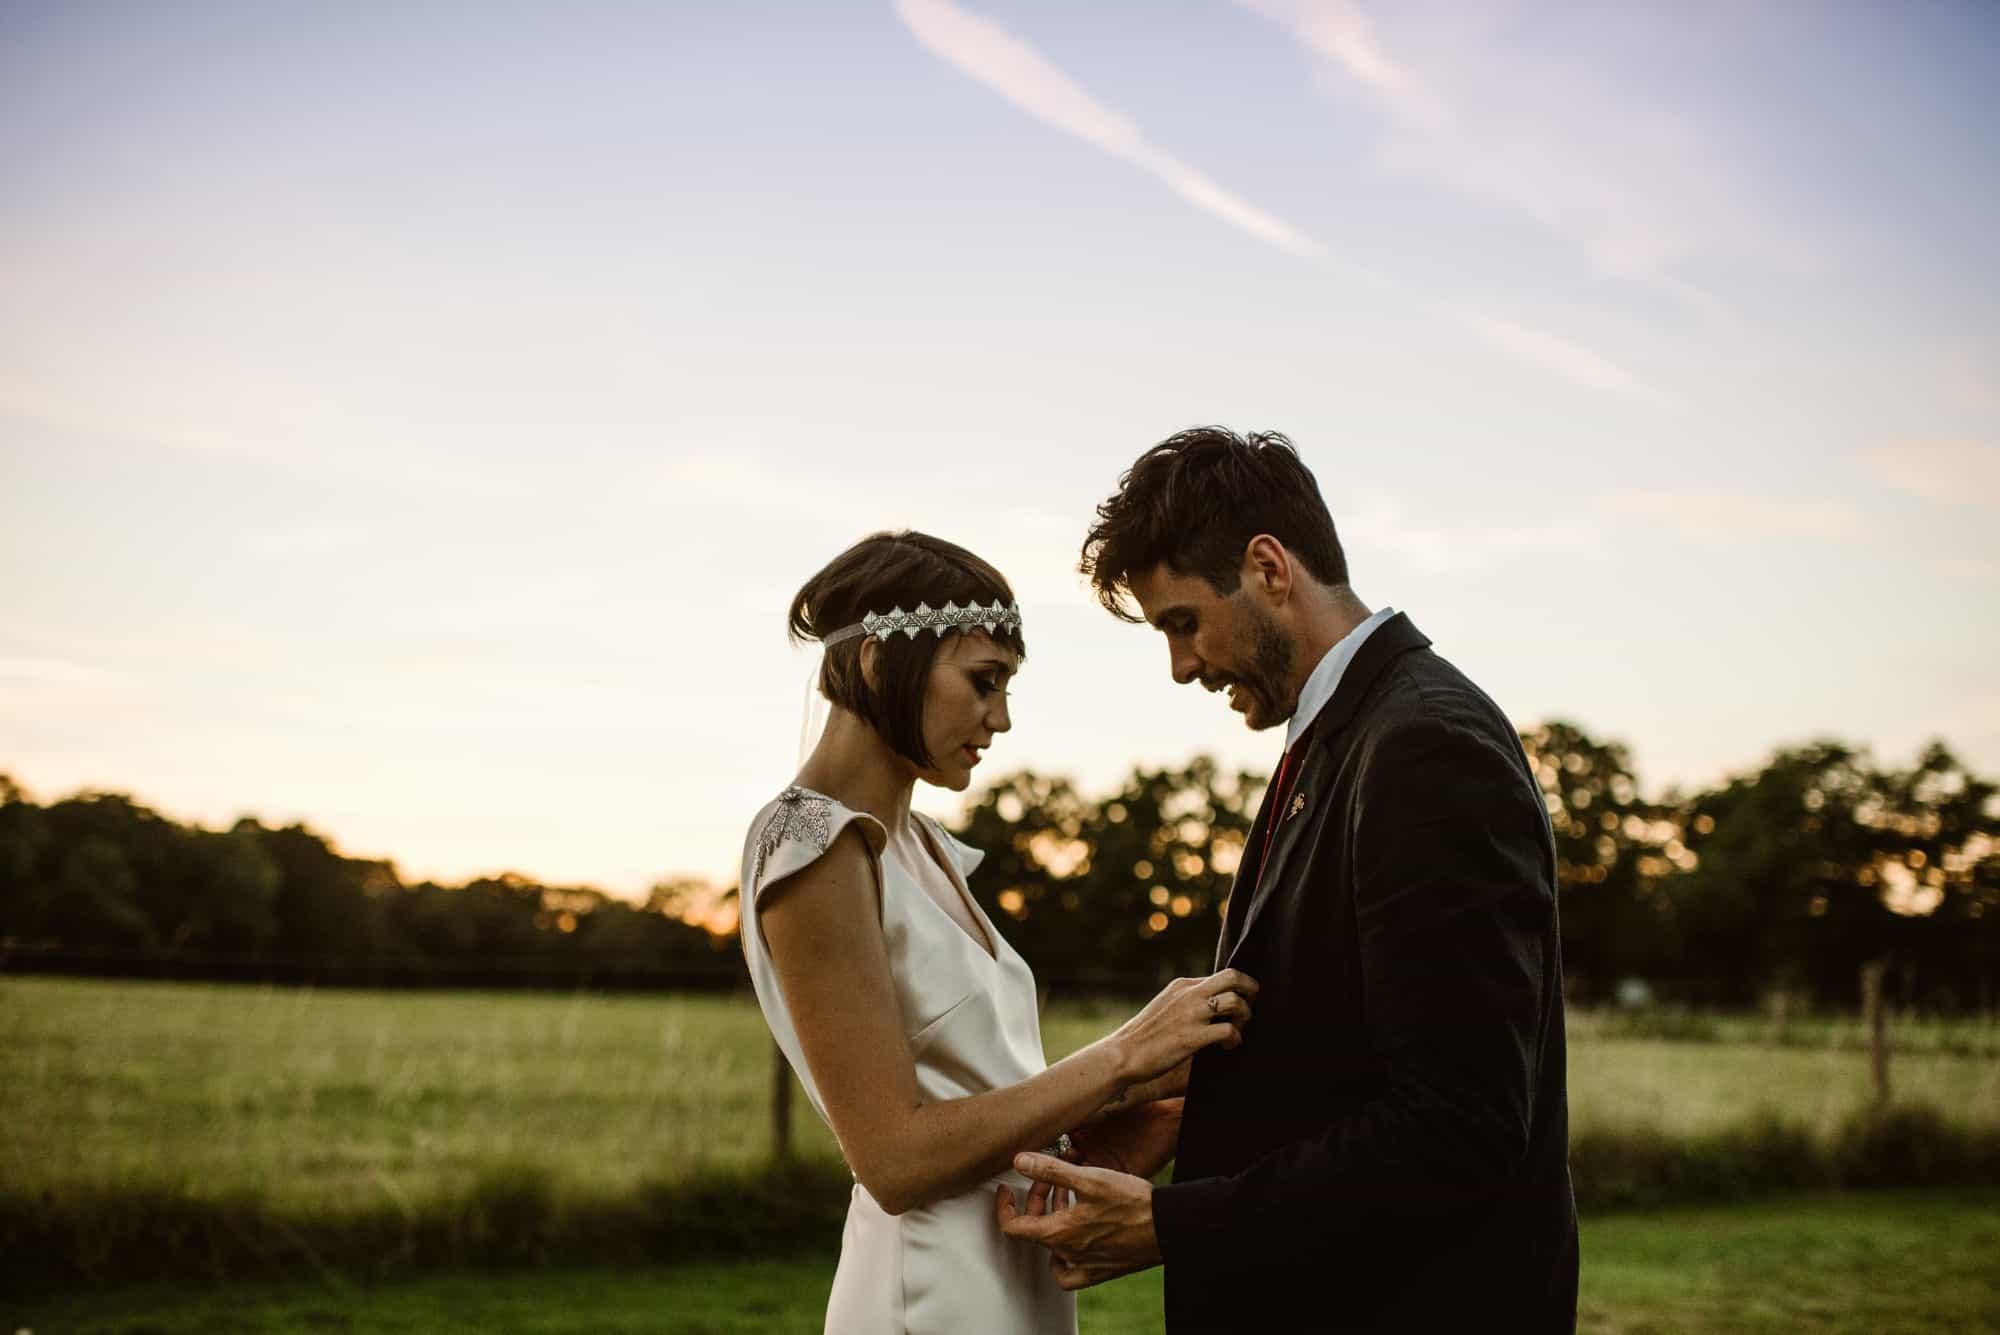 Ro & Adam - a humanist, vegan, backgarden wedding